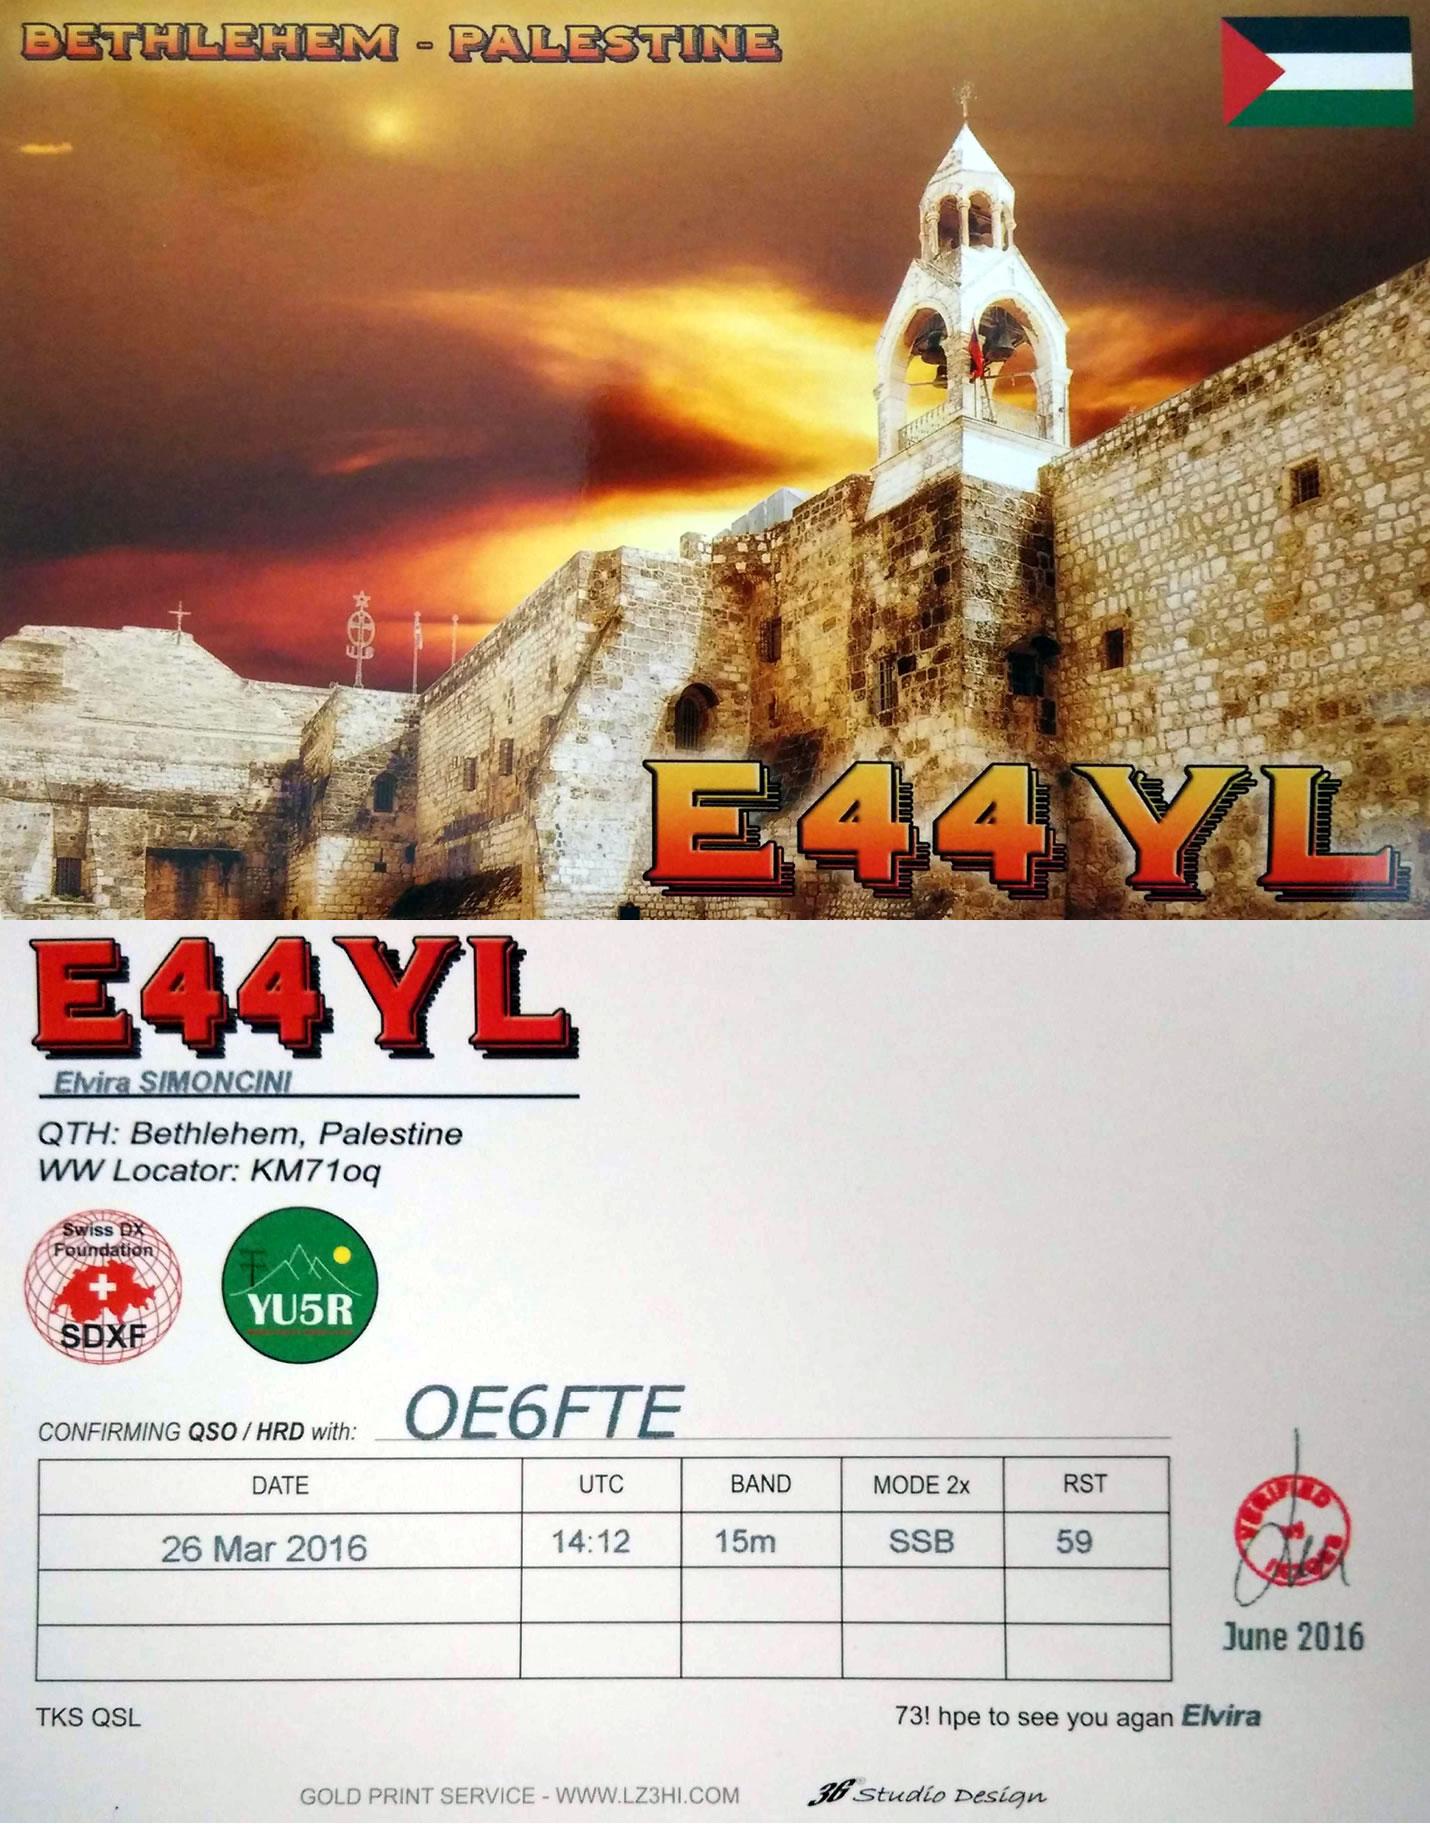 E44YL